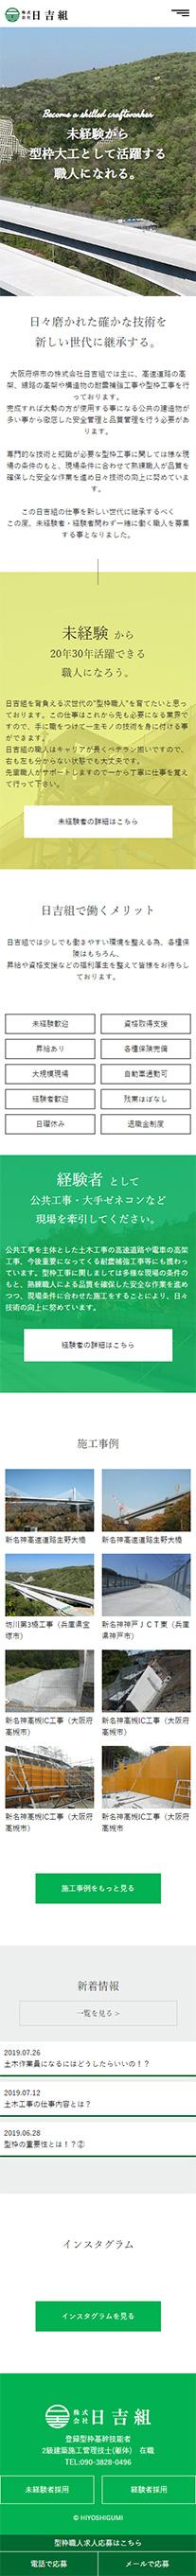 株式会社日吉組スマホTOP画像